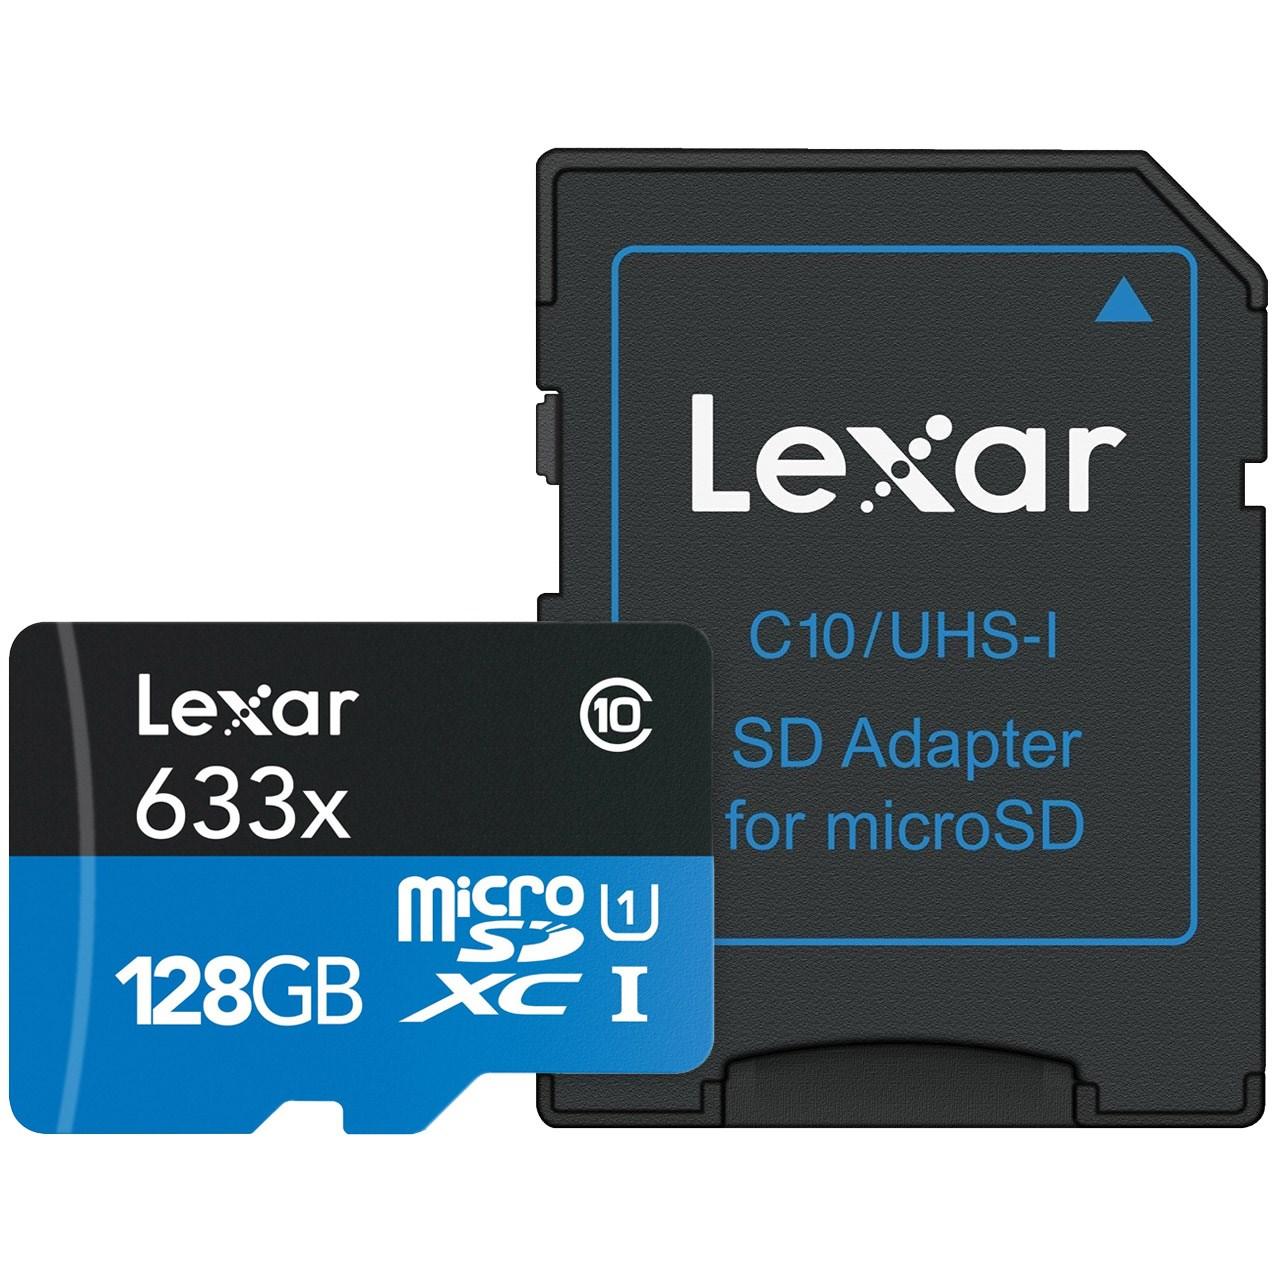 کارت حافظه microSDXC لکسار مدل High-Performance کلاس 10 استاندارد UHS-I U1 سرعت 95MBps 633X همراه با آداپتور SD ظرفیت 128 گیگابایت